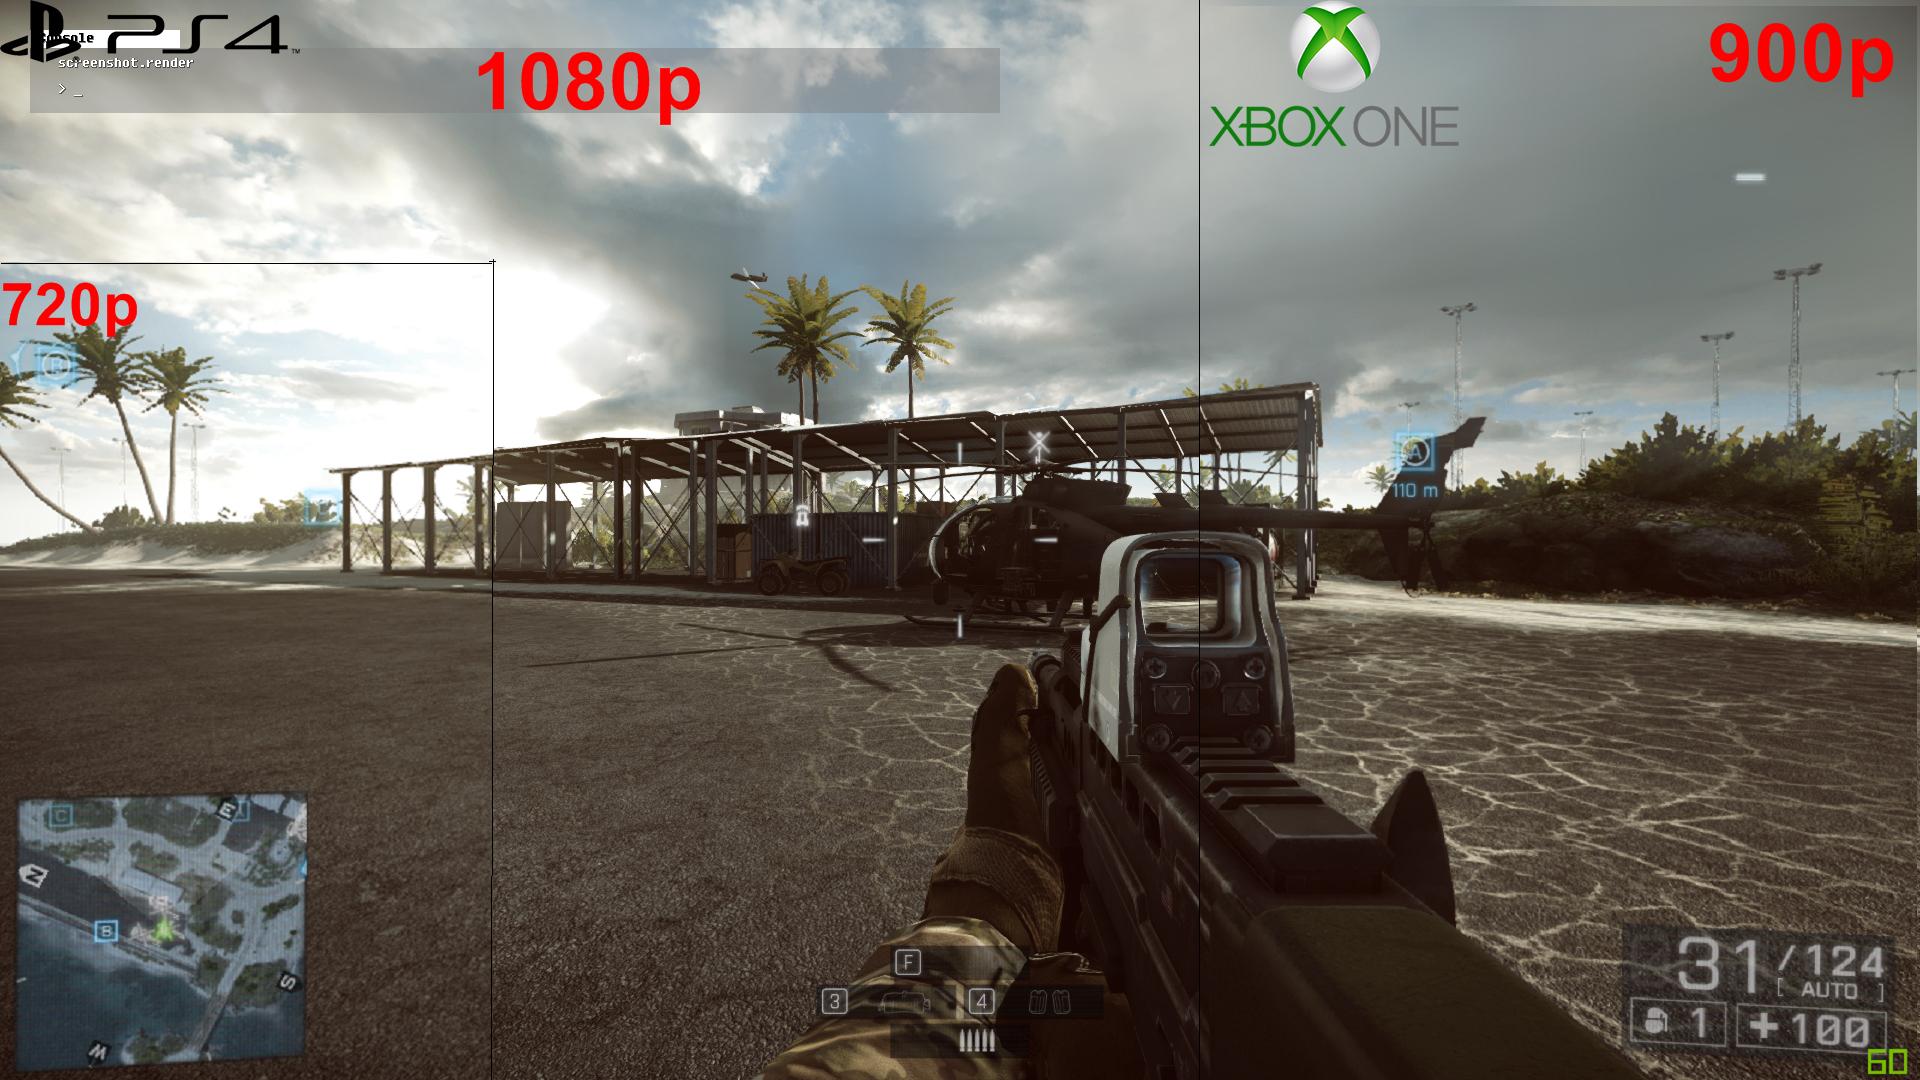 Xbox 1080